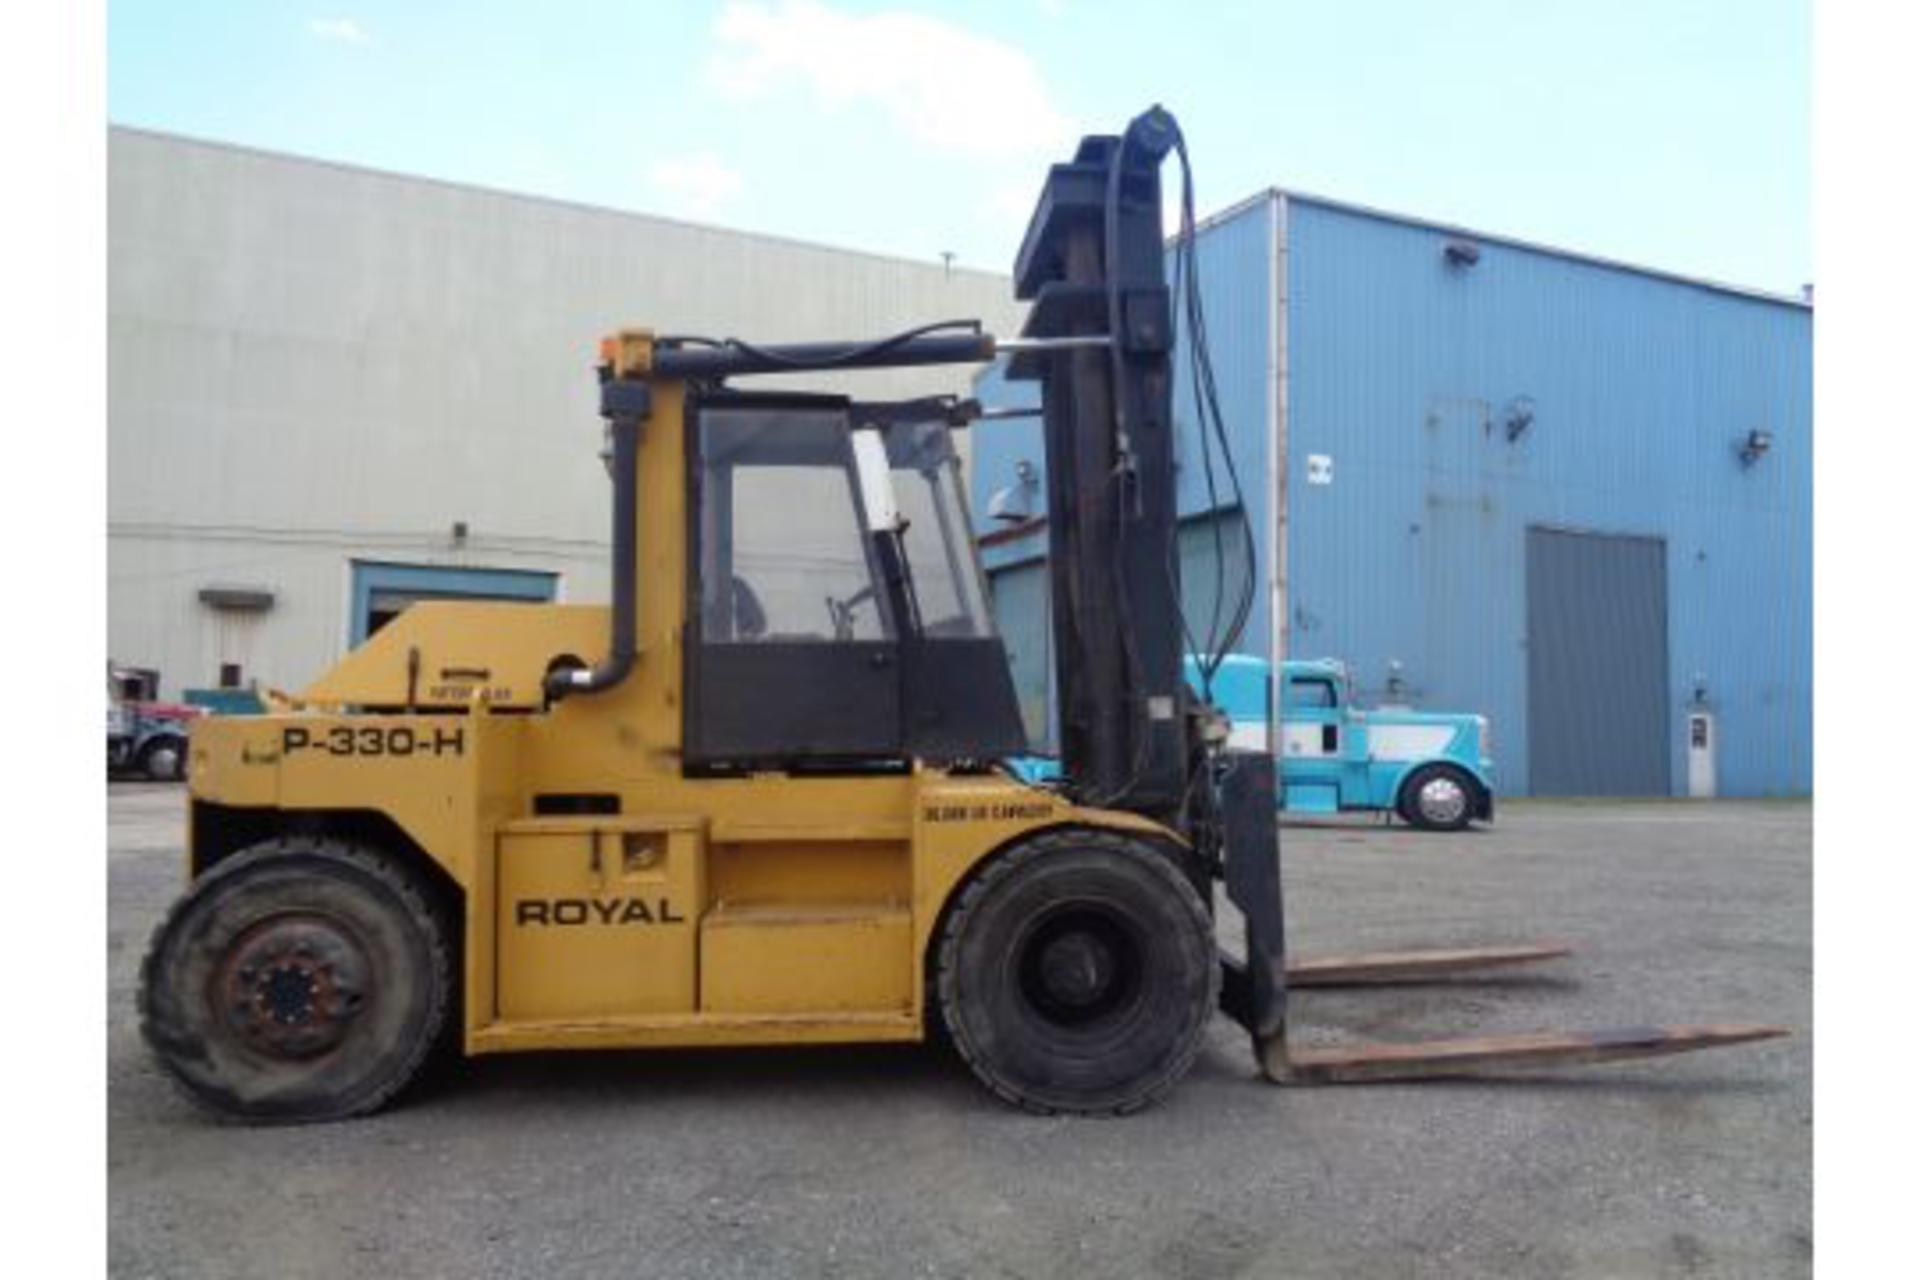 1998 Royal P330H 36,000lb Forklift - Image 8 of 19